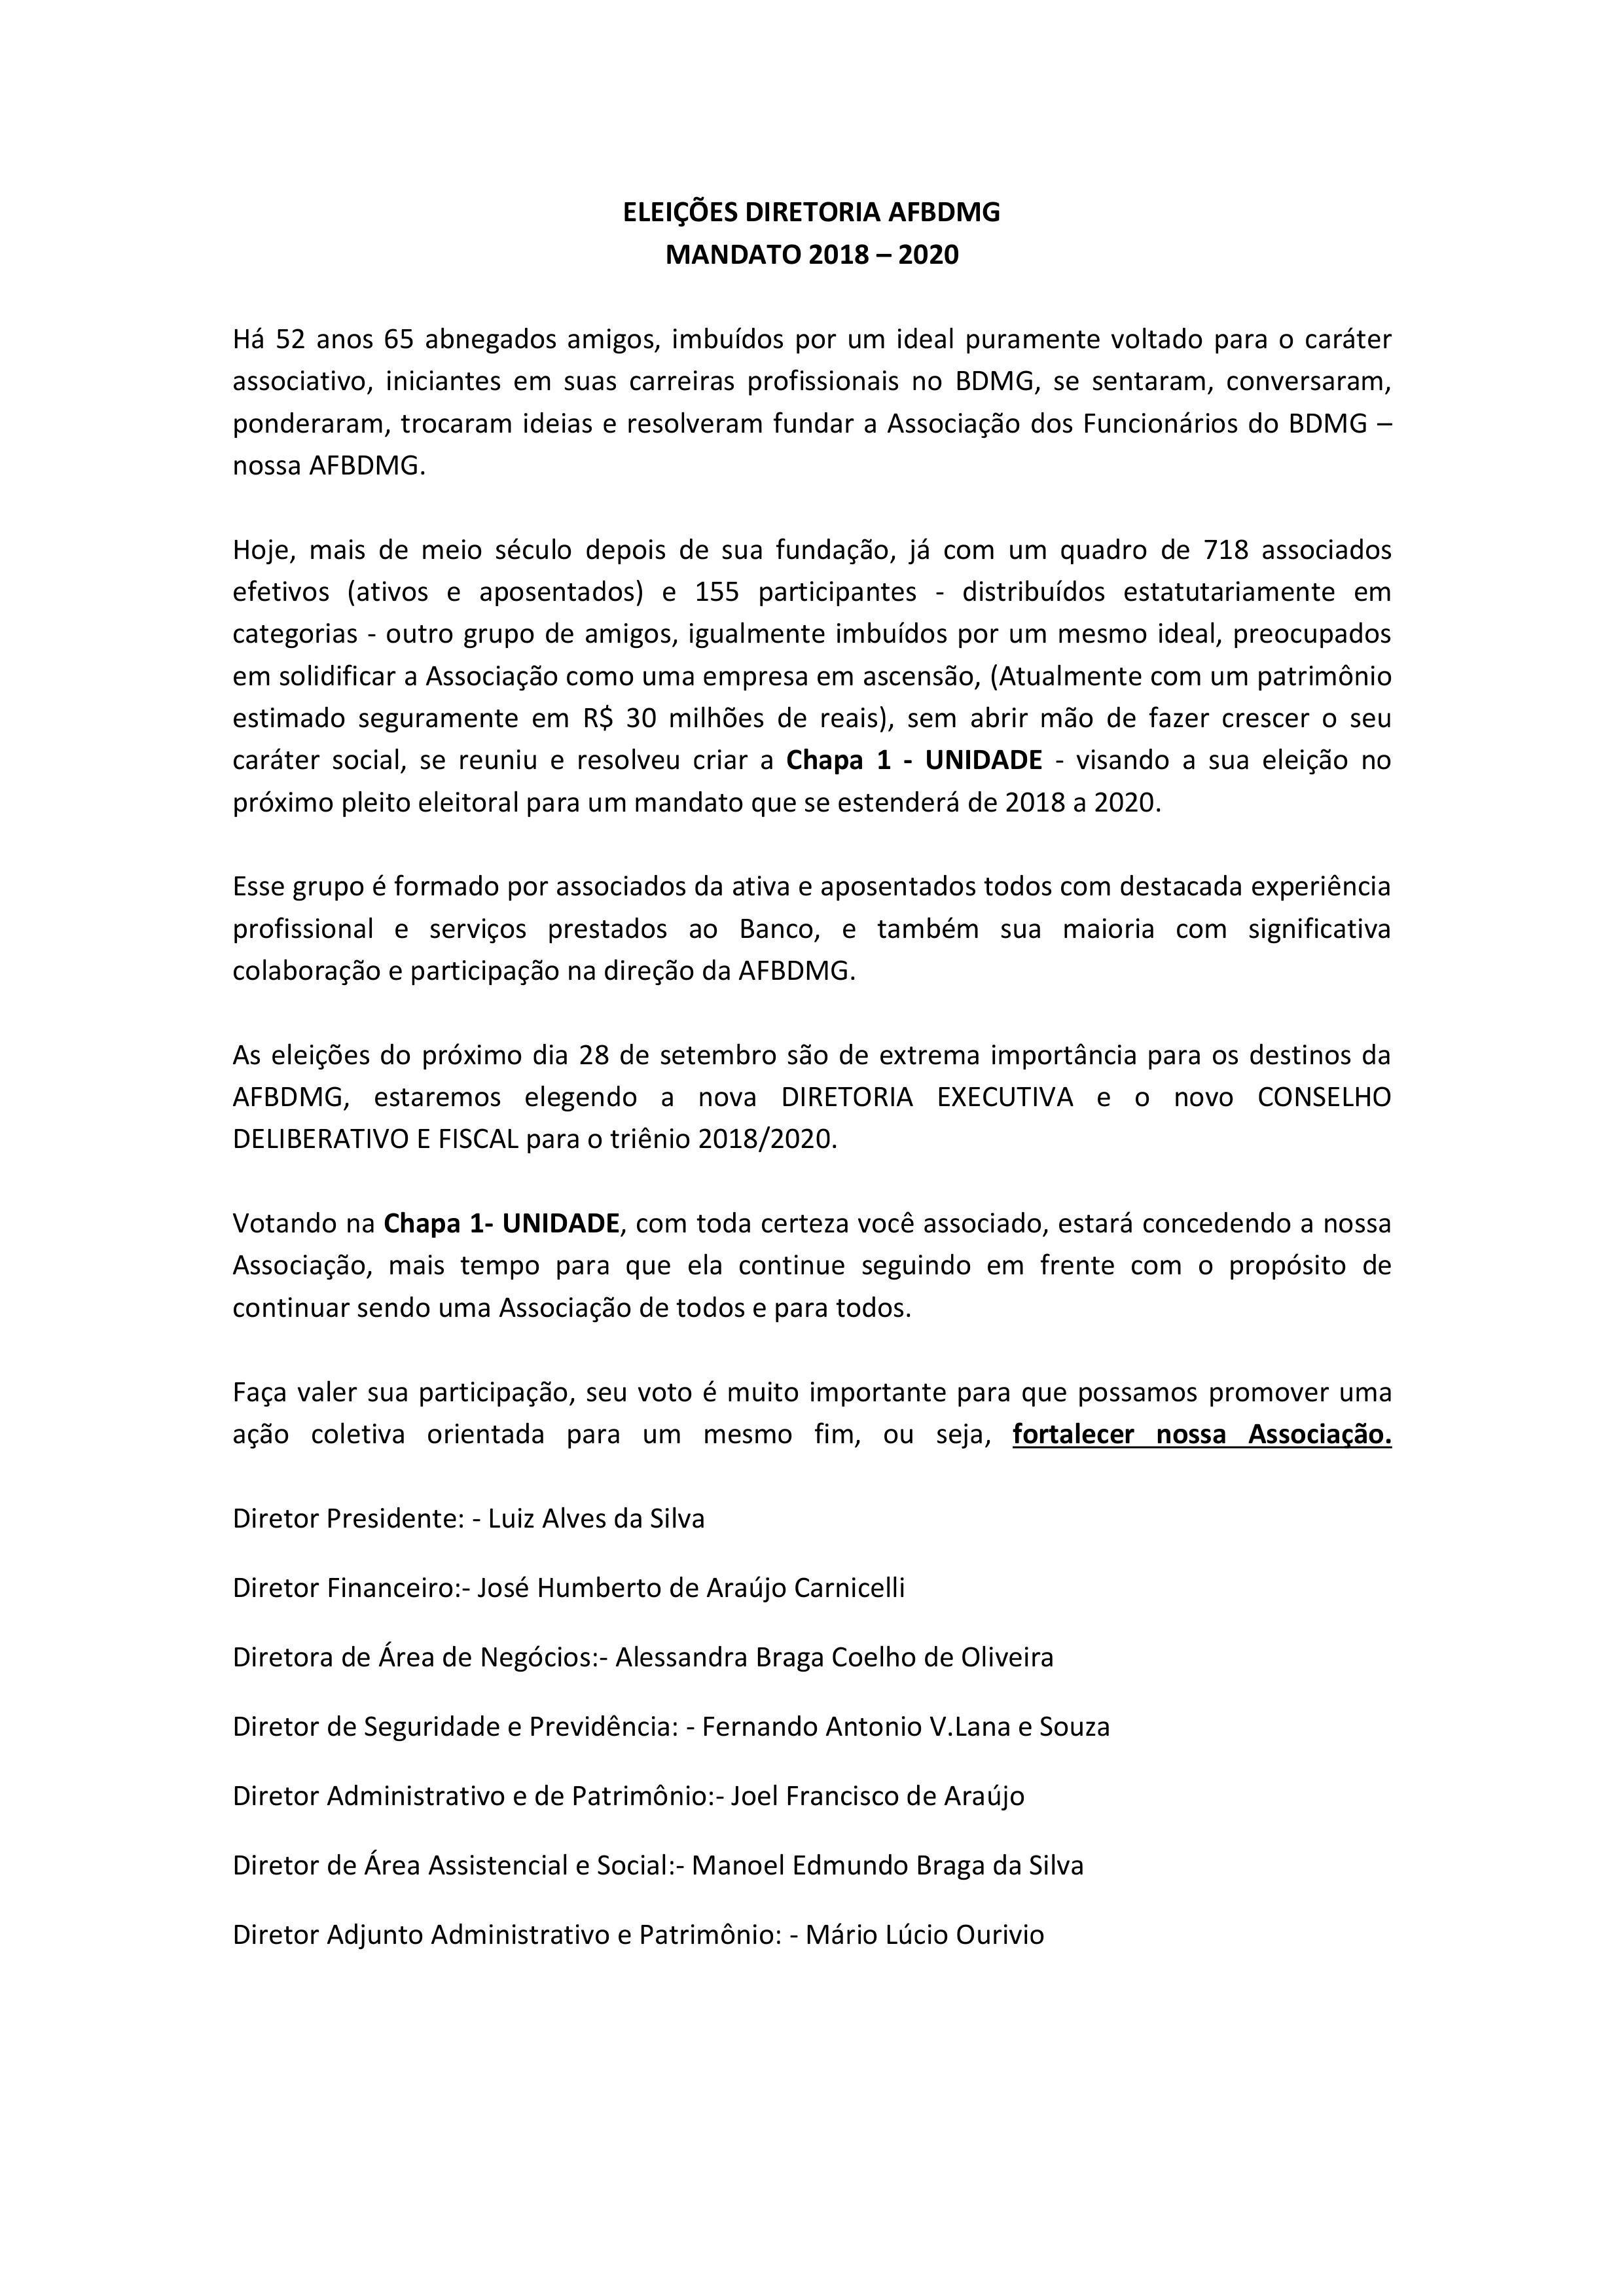 AFBDMG APRESENTA CHAPA UNIDADE PARA ELEIÇÕES 2018/2020